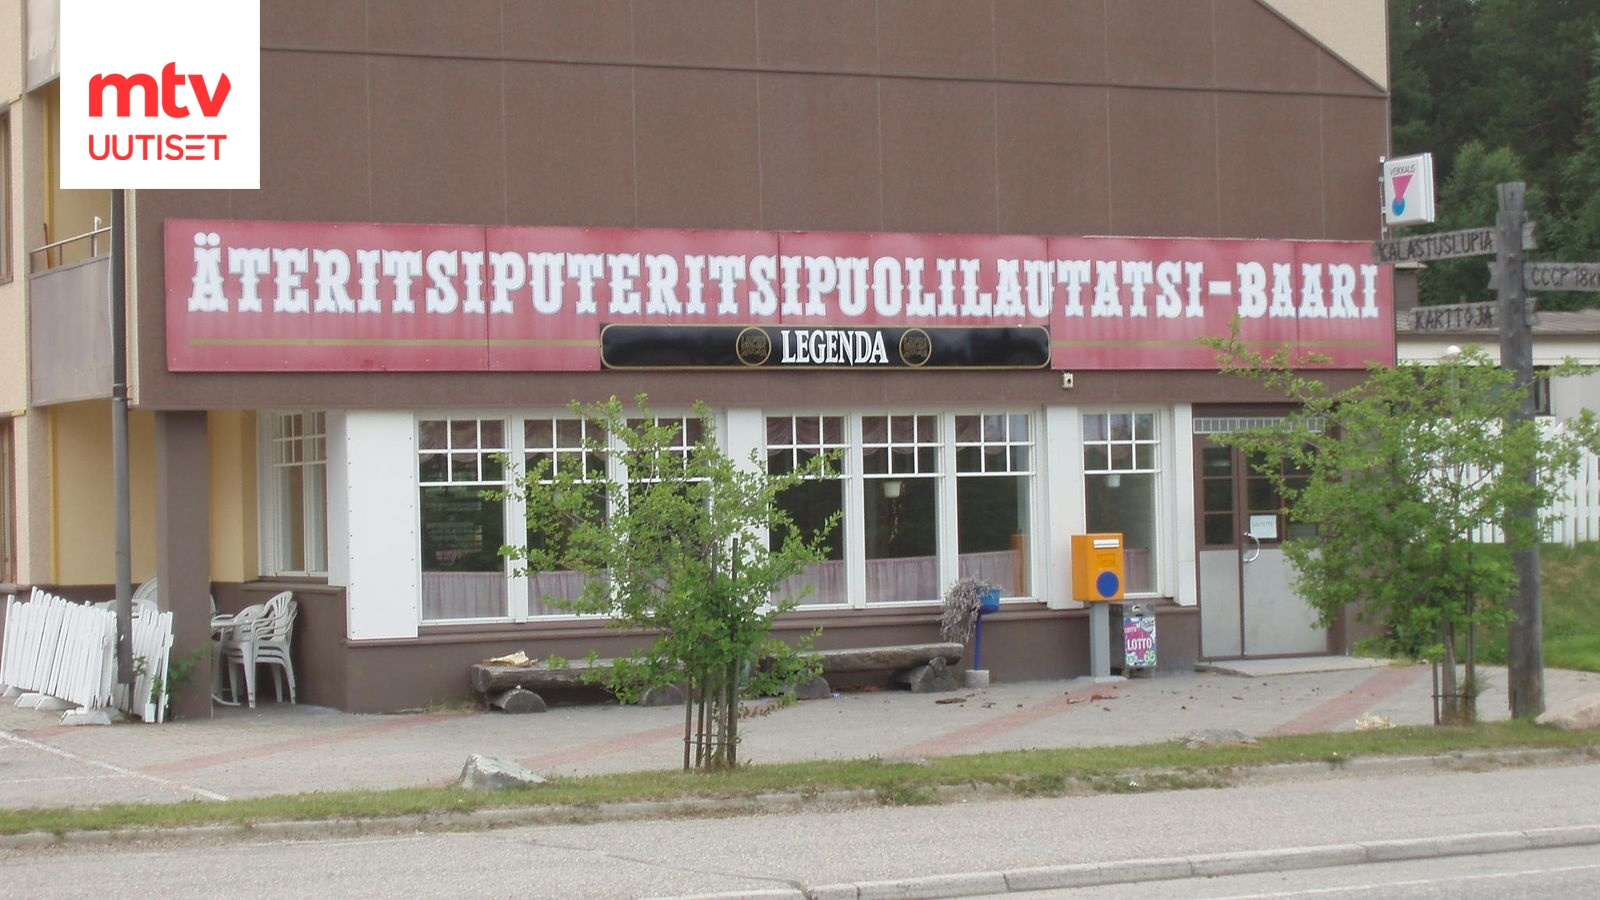 Suomen Pisin Paikannimi